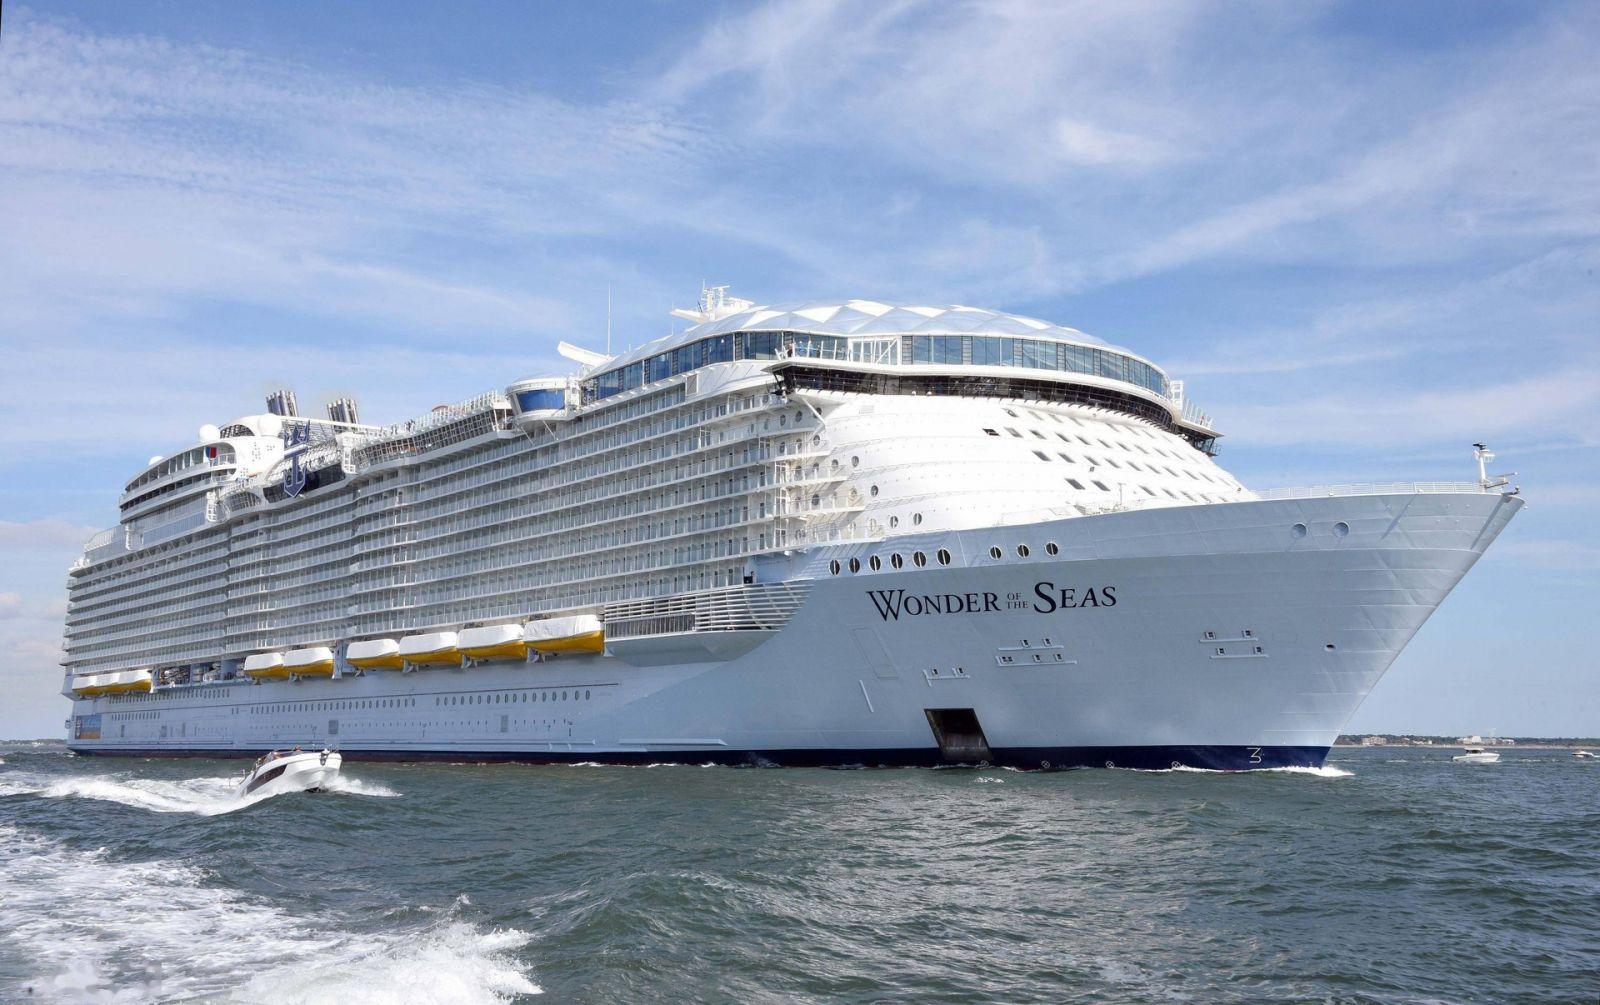 Cận cảnh tàu du lịch lớn nhất thế giới